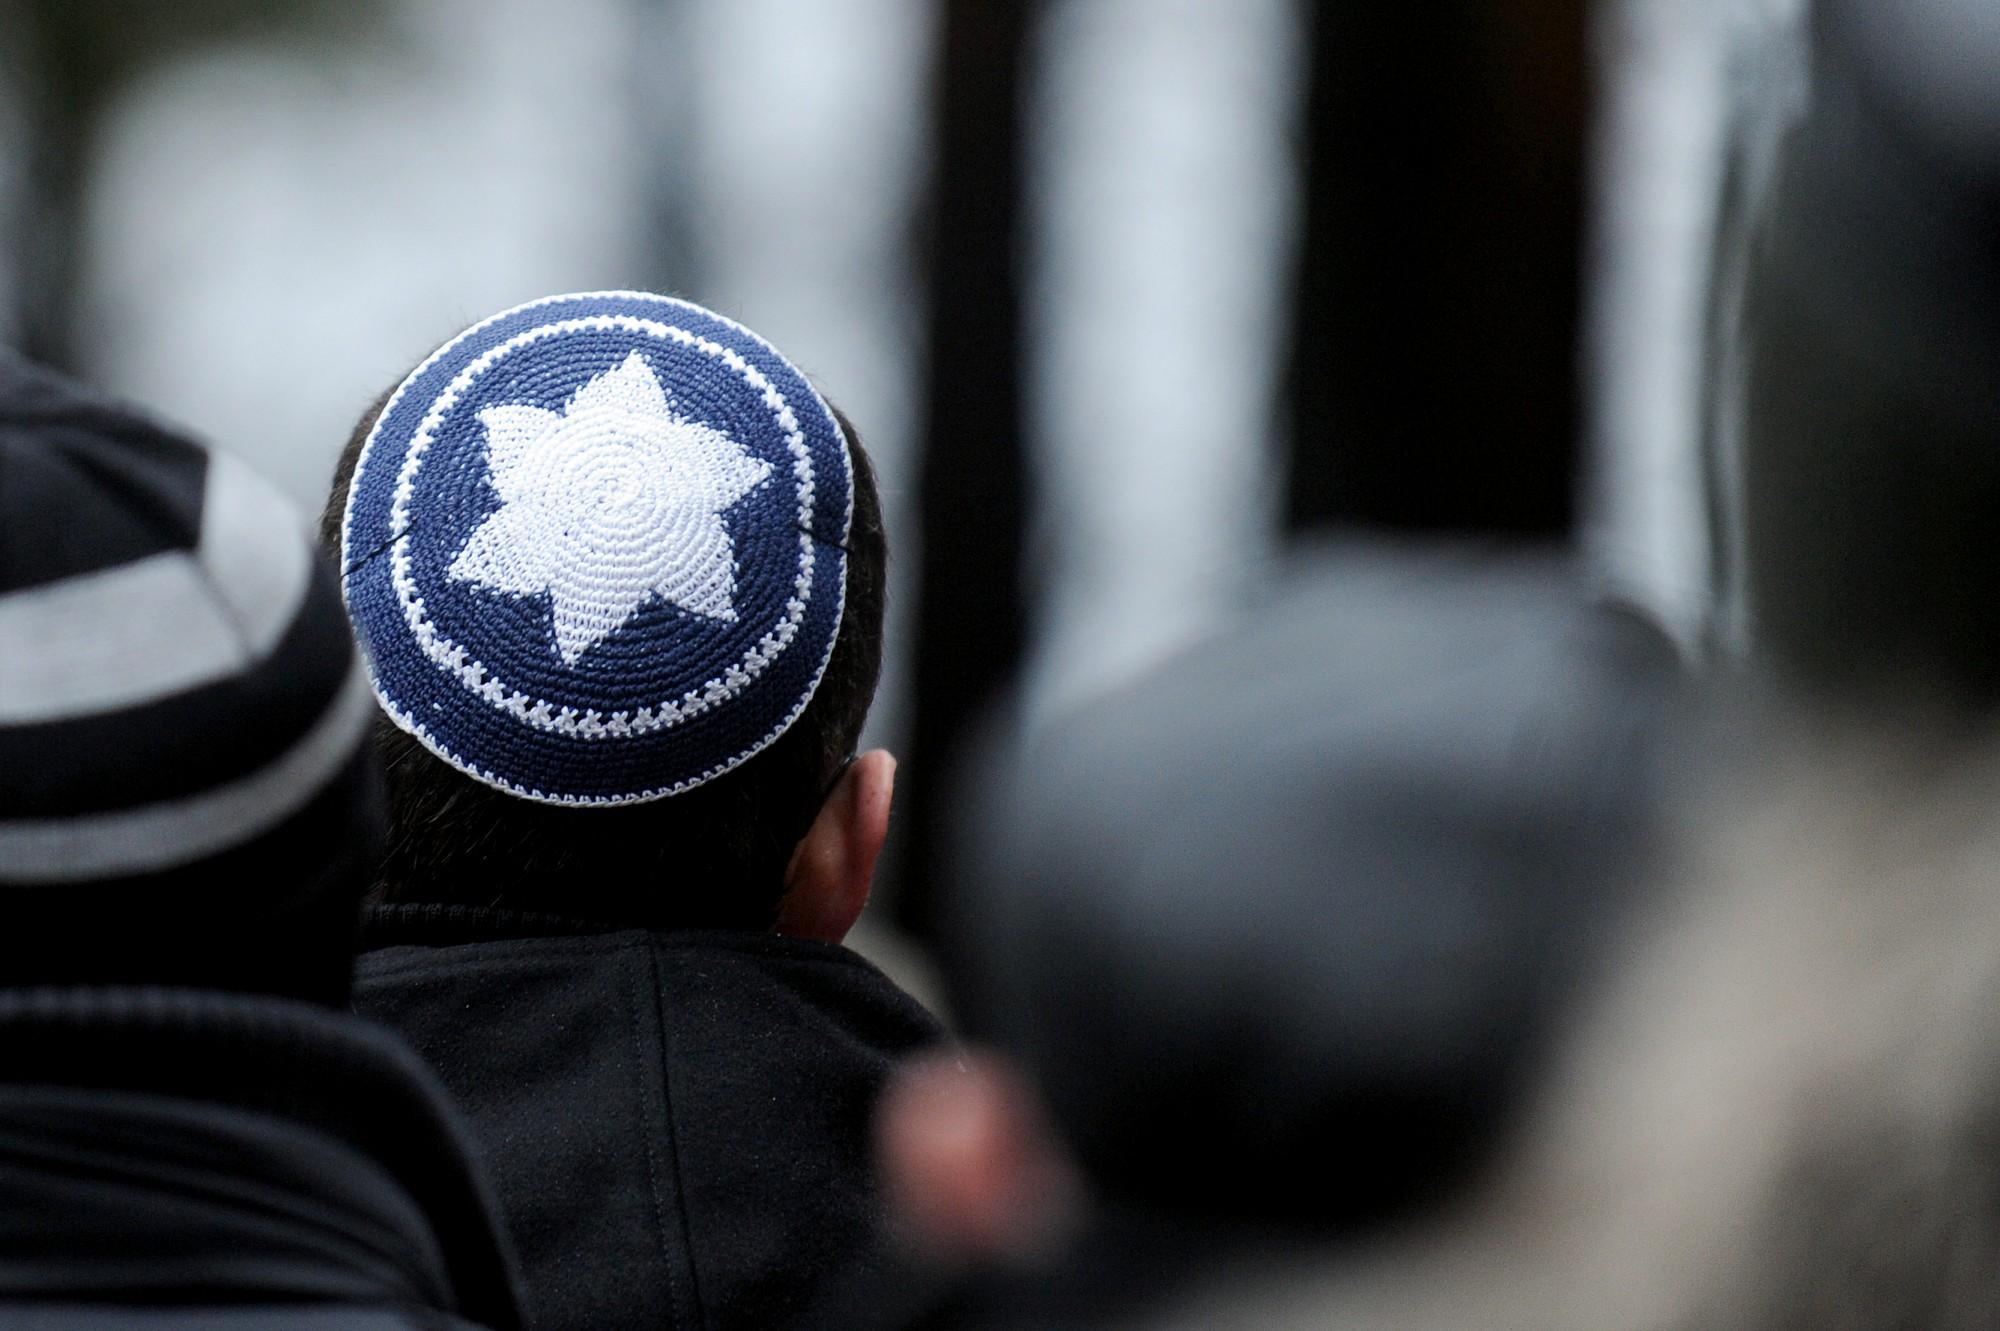 Atcelts lēmums par kriminālprocesa izbeigšanu pret Herbertu Cukuru par viņa iespējamo līdzdalību ebreju iznīcināšanā